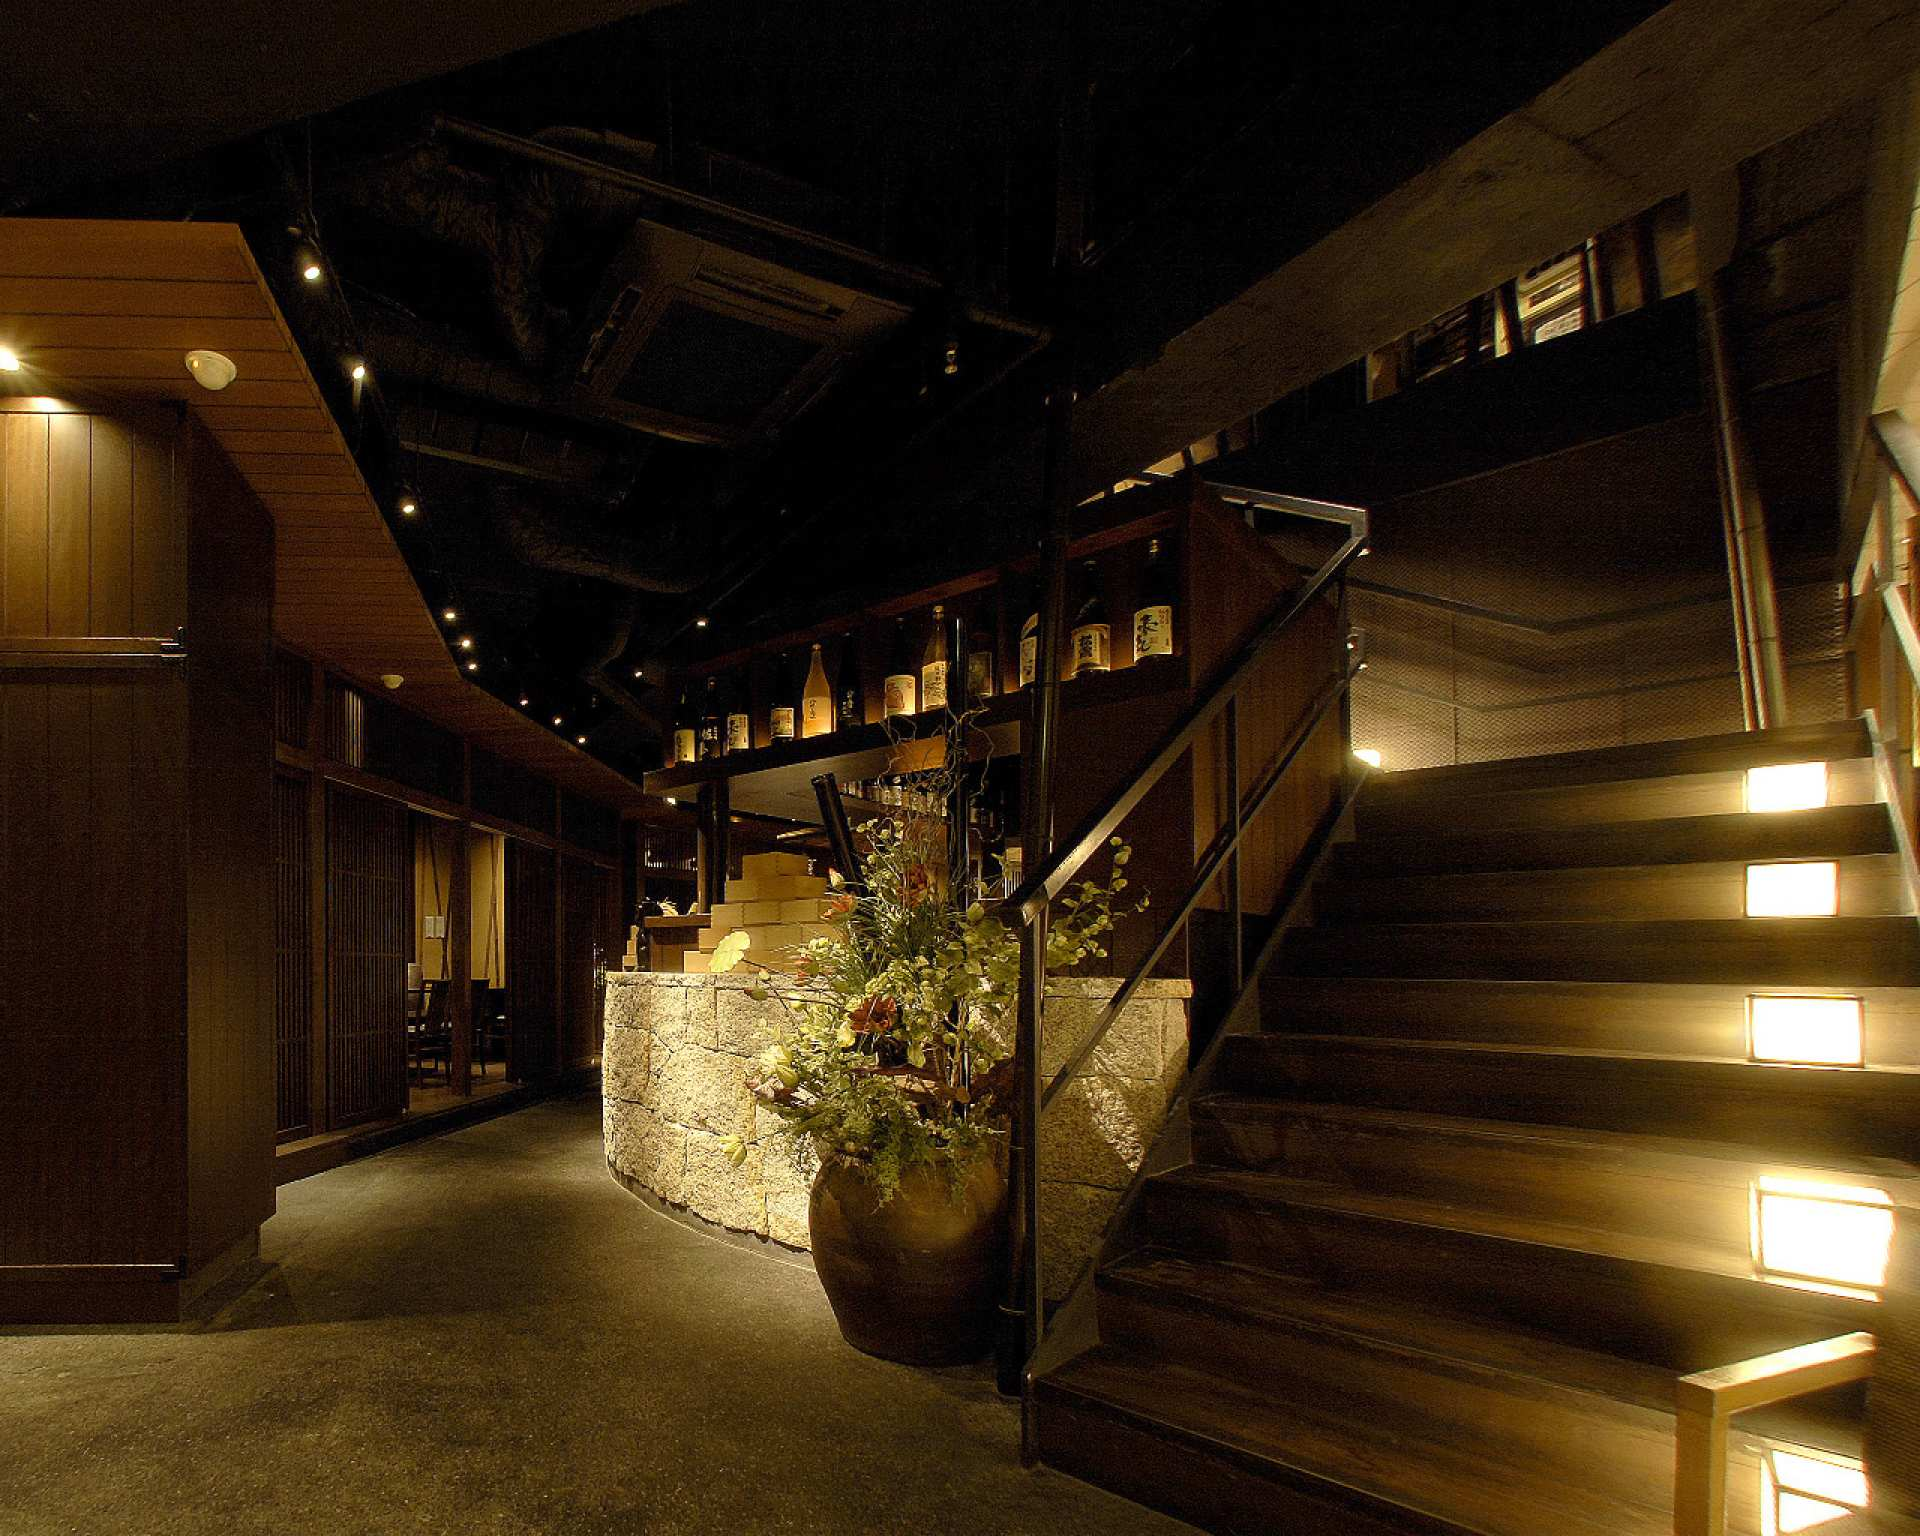 【大阪美食】大阪府難波 居酒屋 個室和食 なんば 紅炉庵